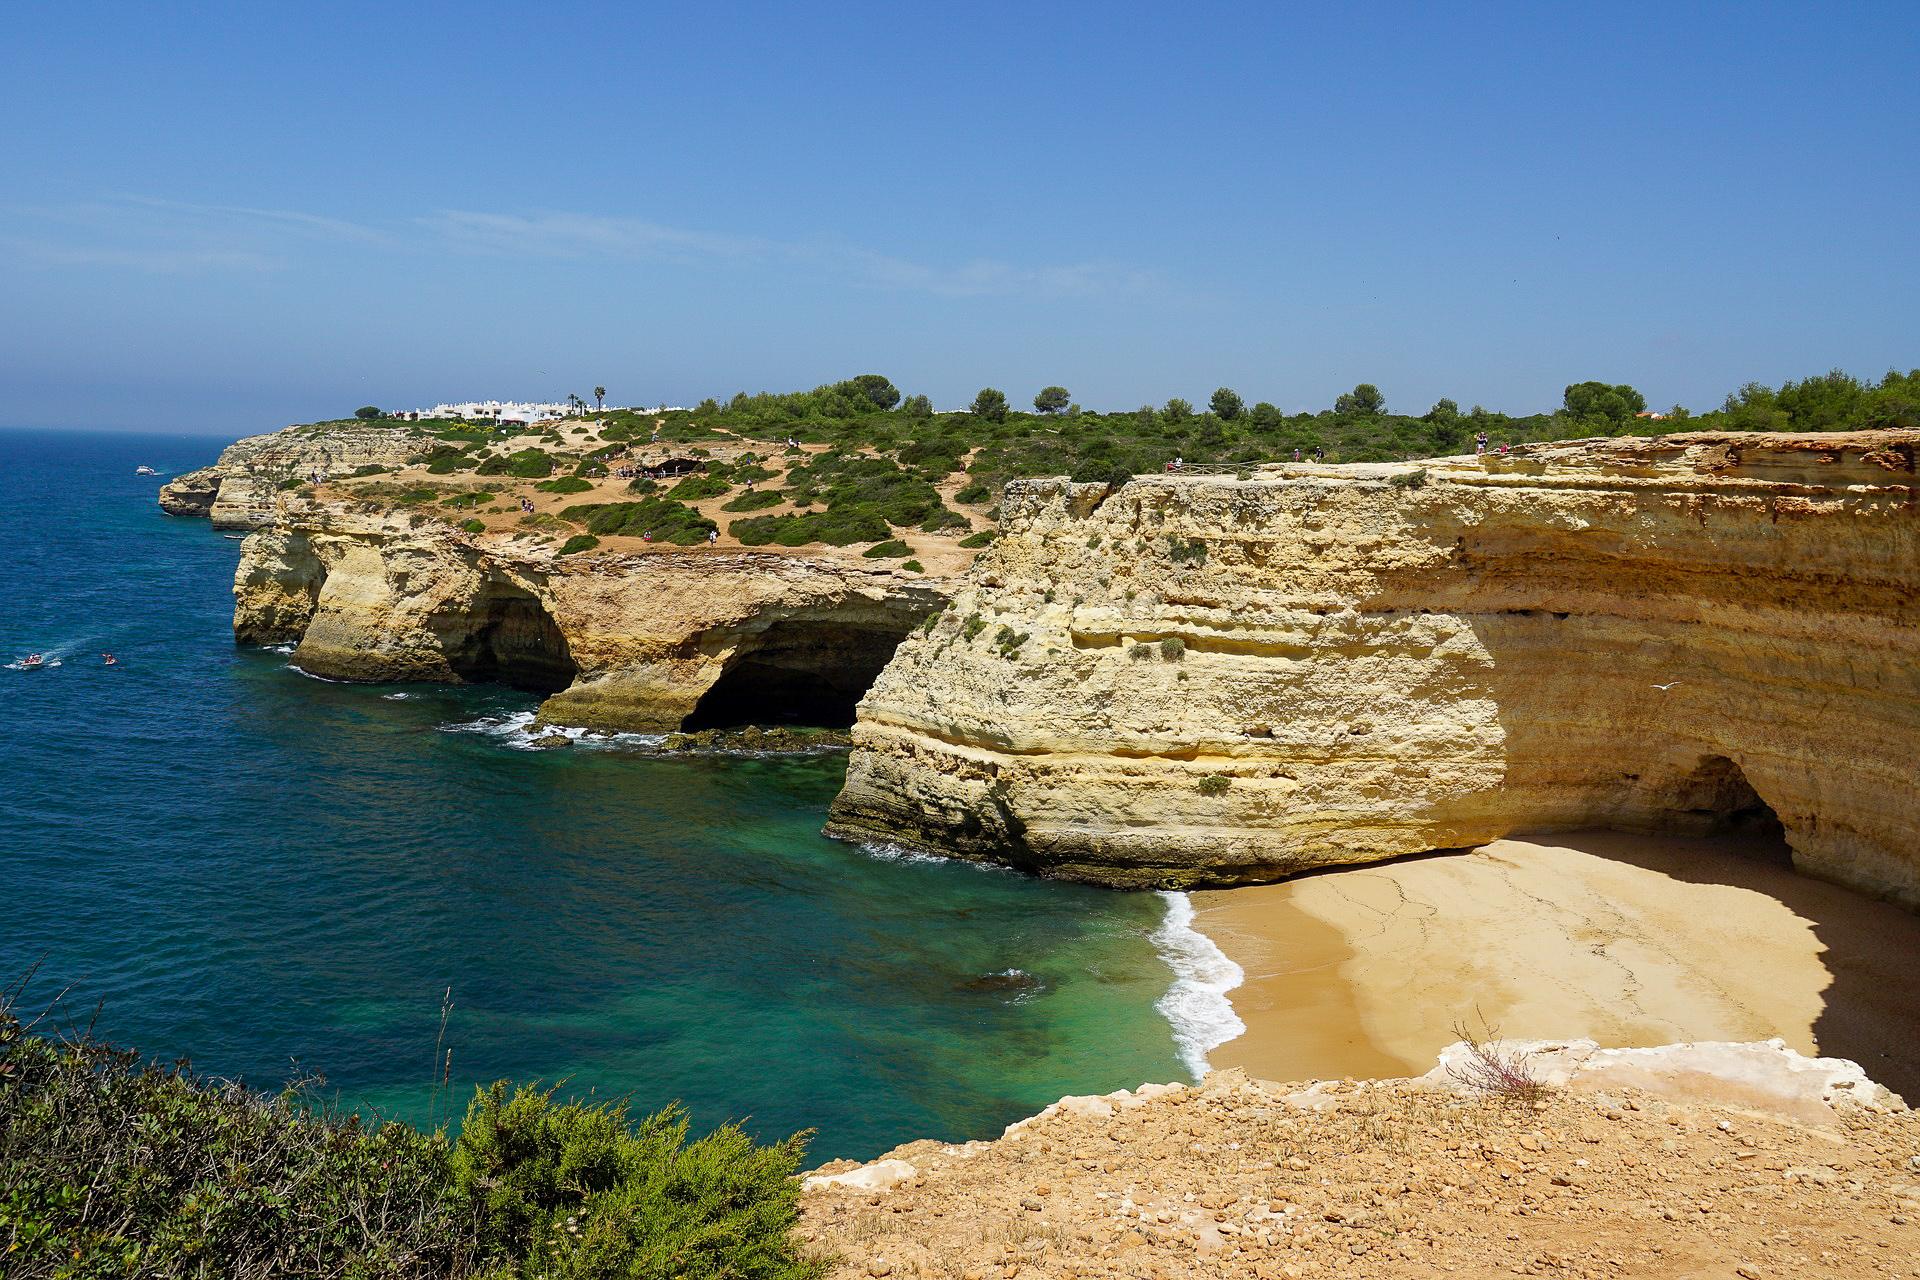 Zu den wichtigsten Stränden in Portugal gehören auch die Benagil Caves